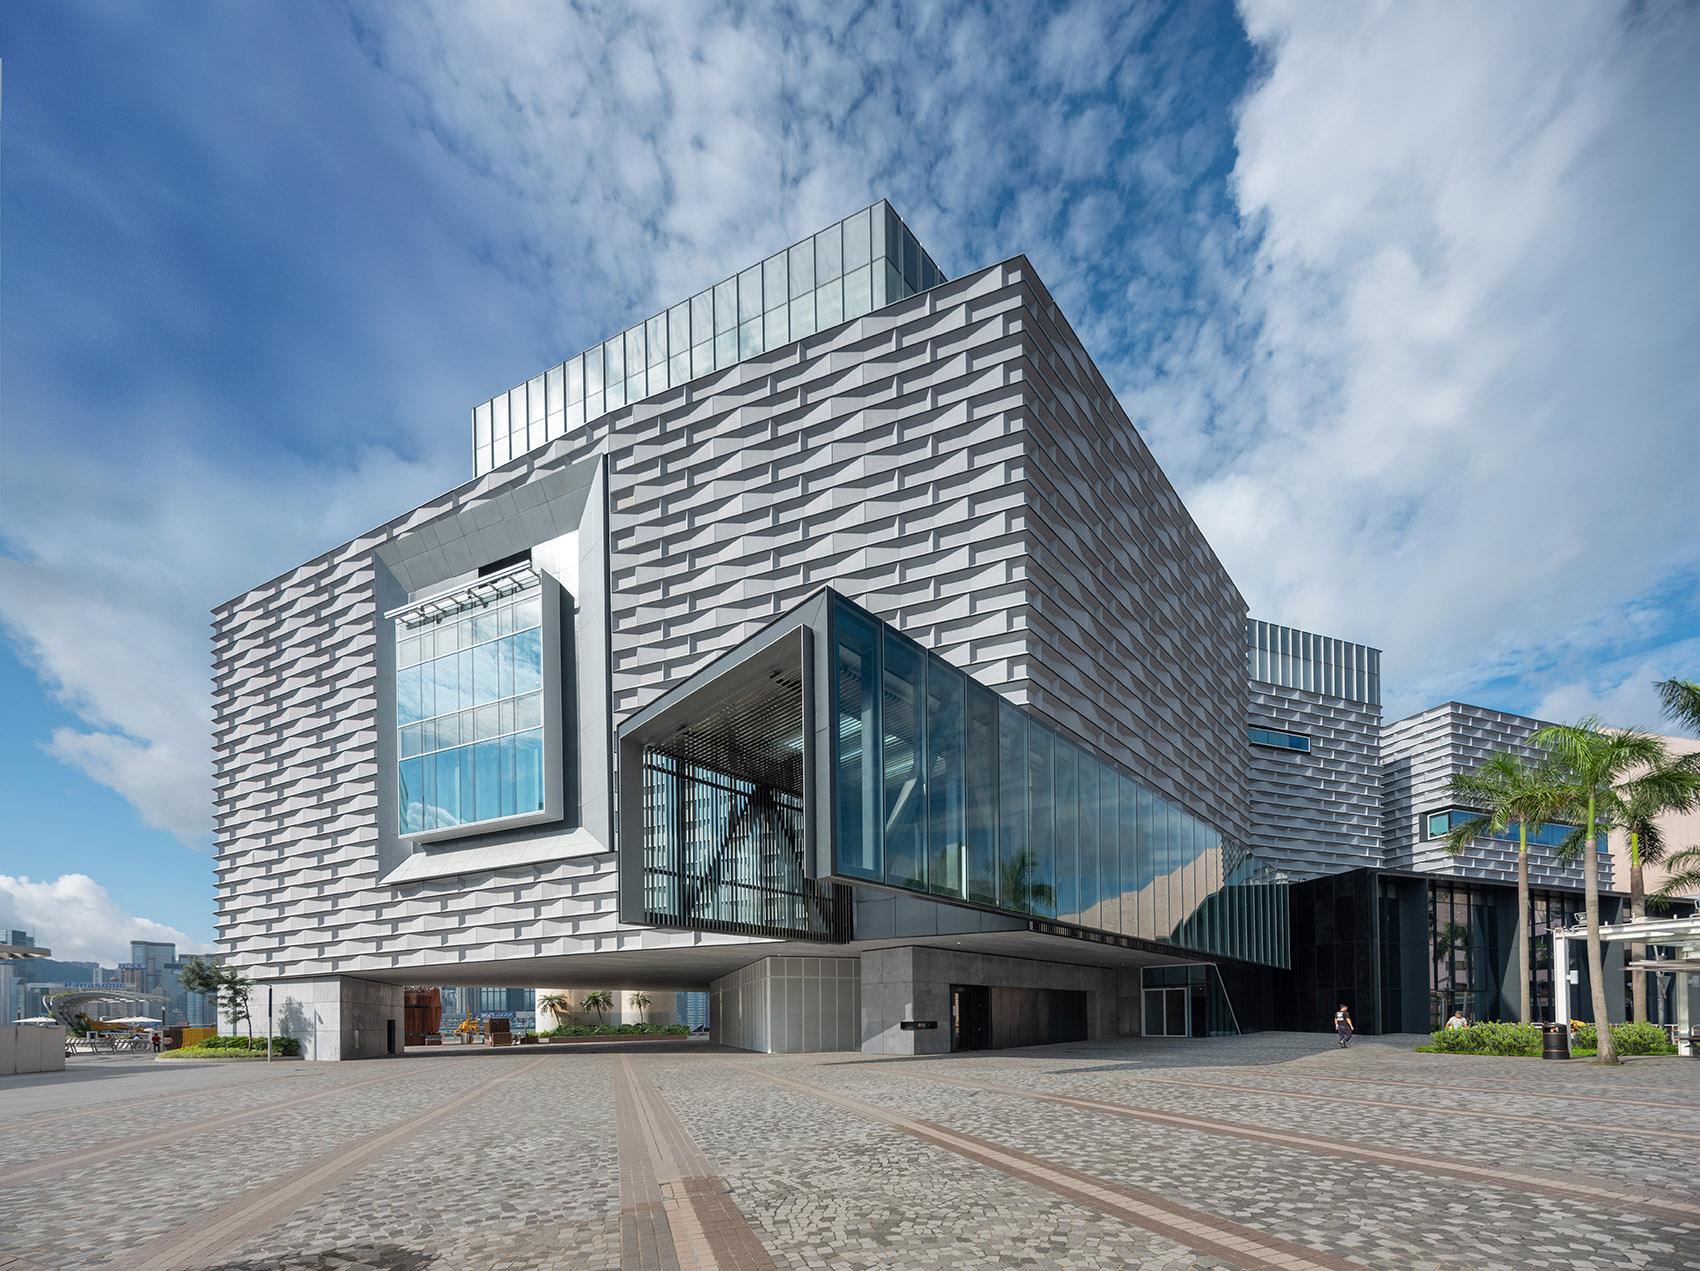 HK Museum of Art